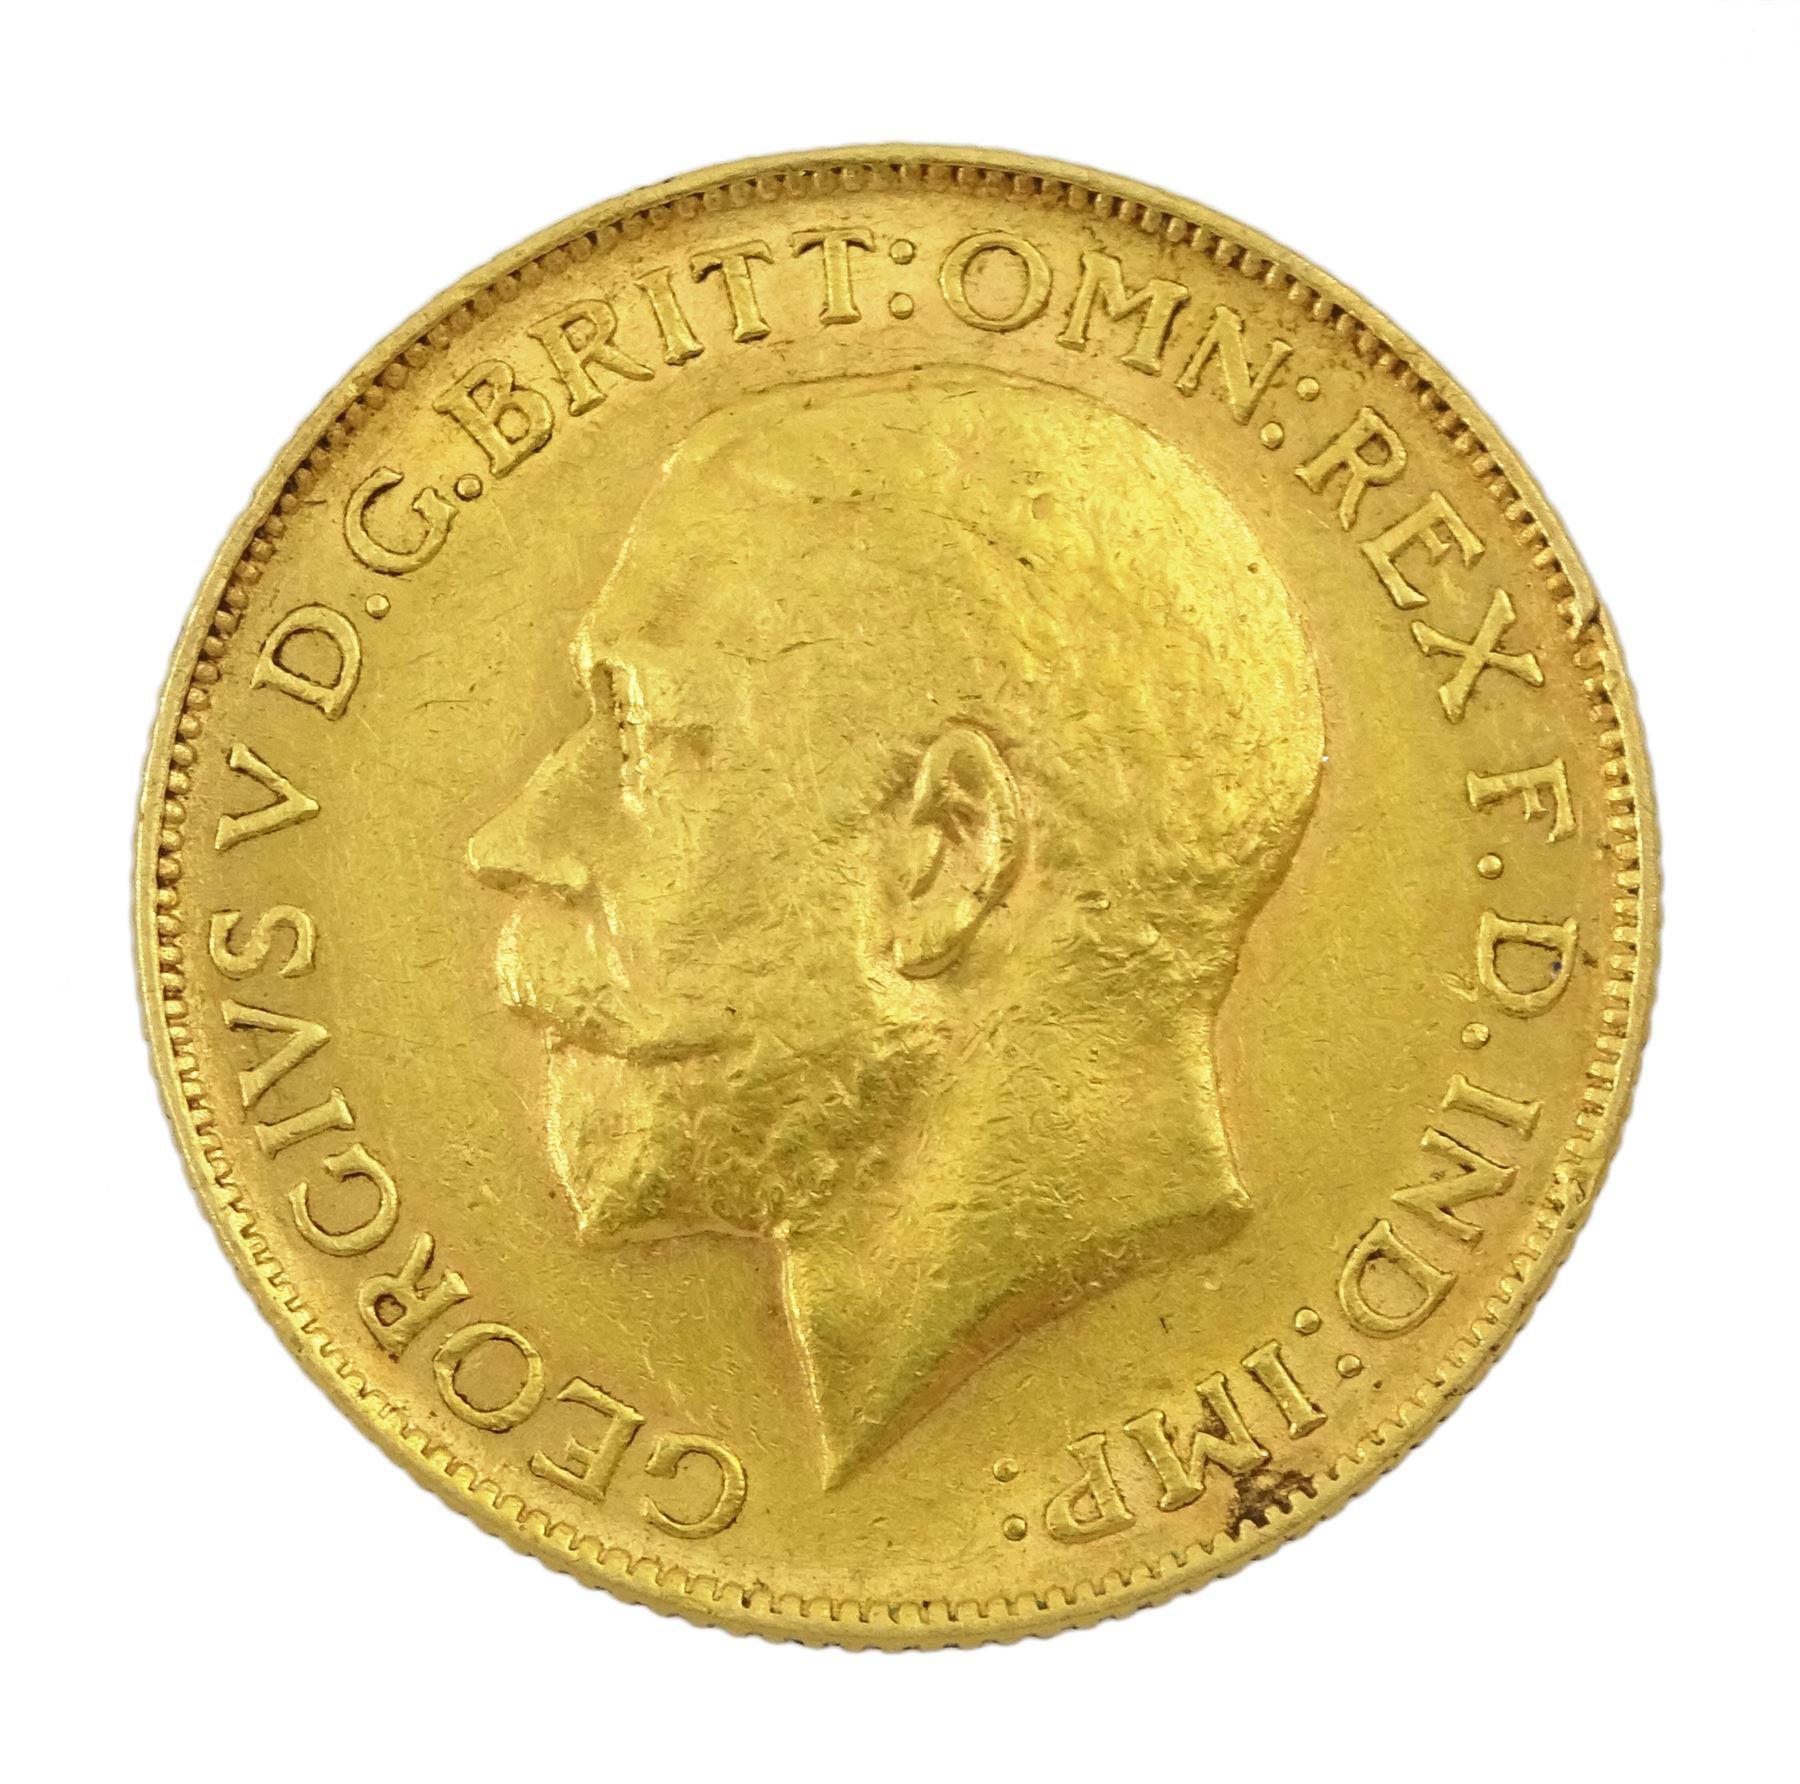 King George V 1912 gold full sovereign coin